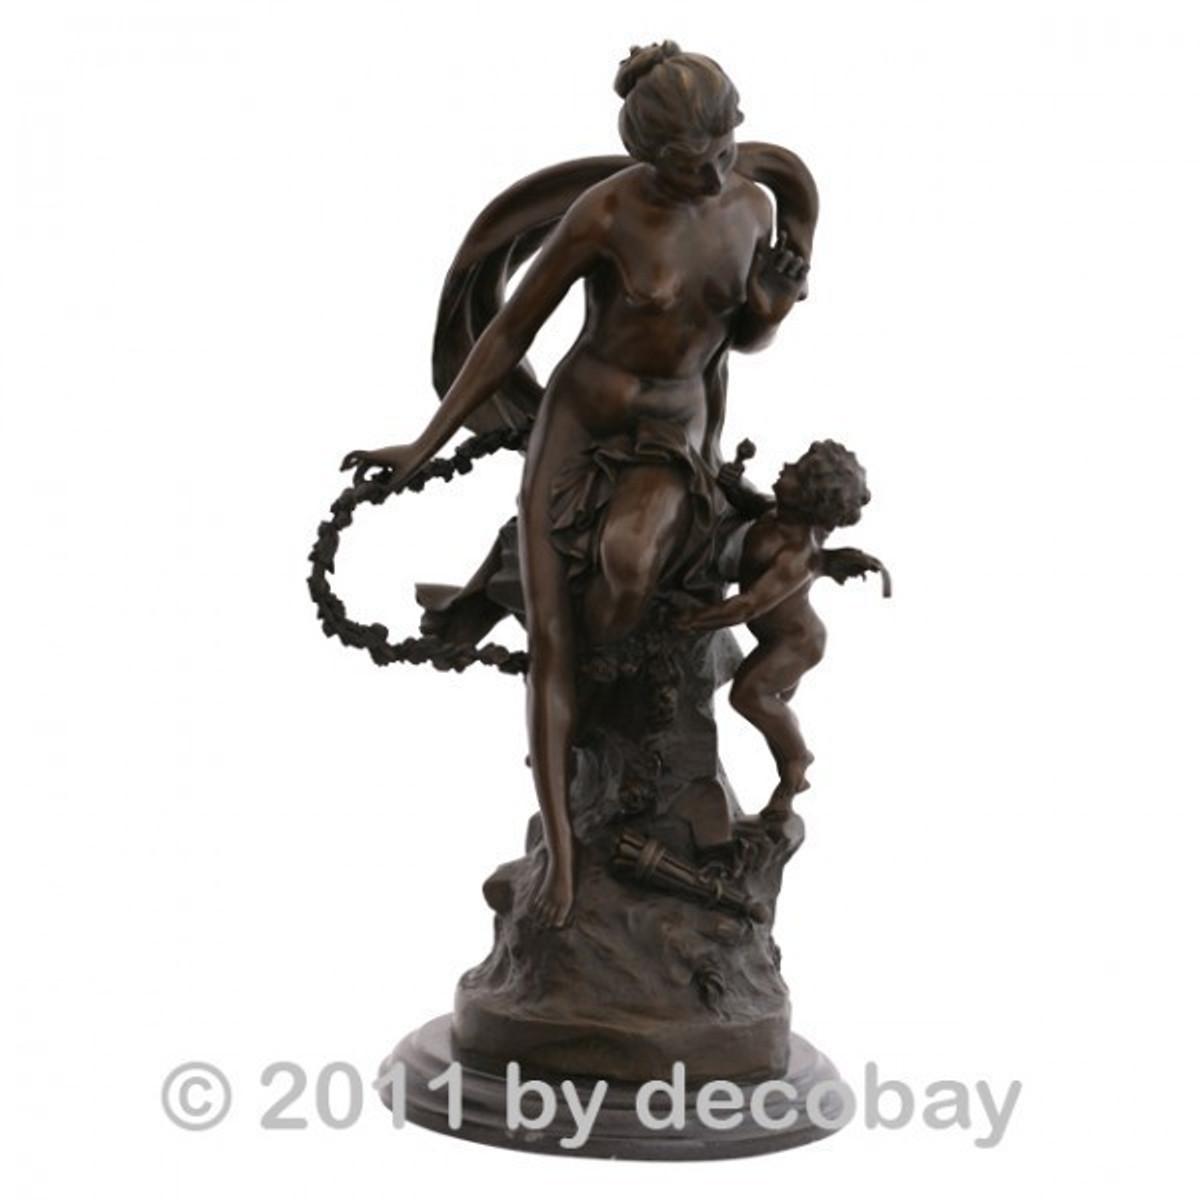 Garten und Deko Figur Bronzeskulptur Frauenakt mit Engelchen als Gartendekoration mit antikem Flair für Ihre Terrasse.